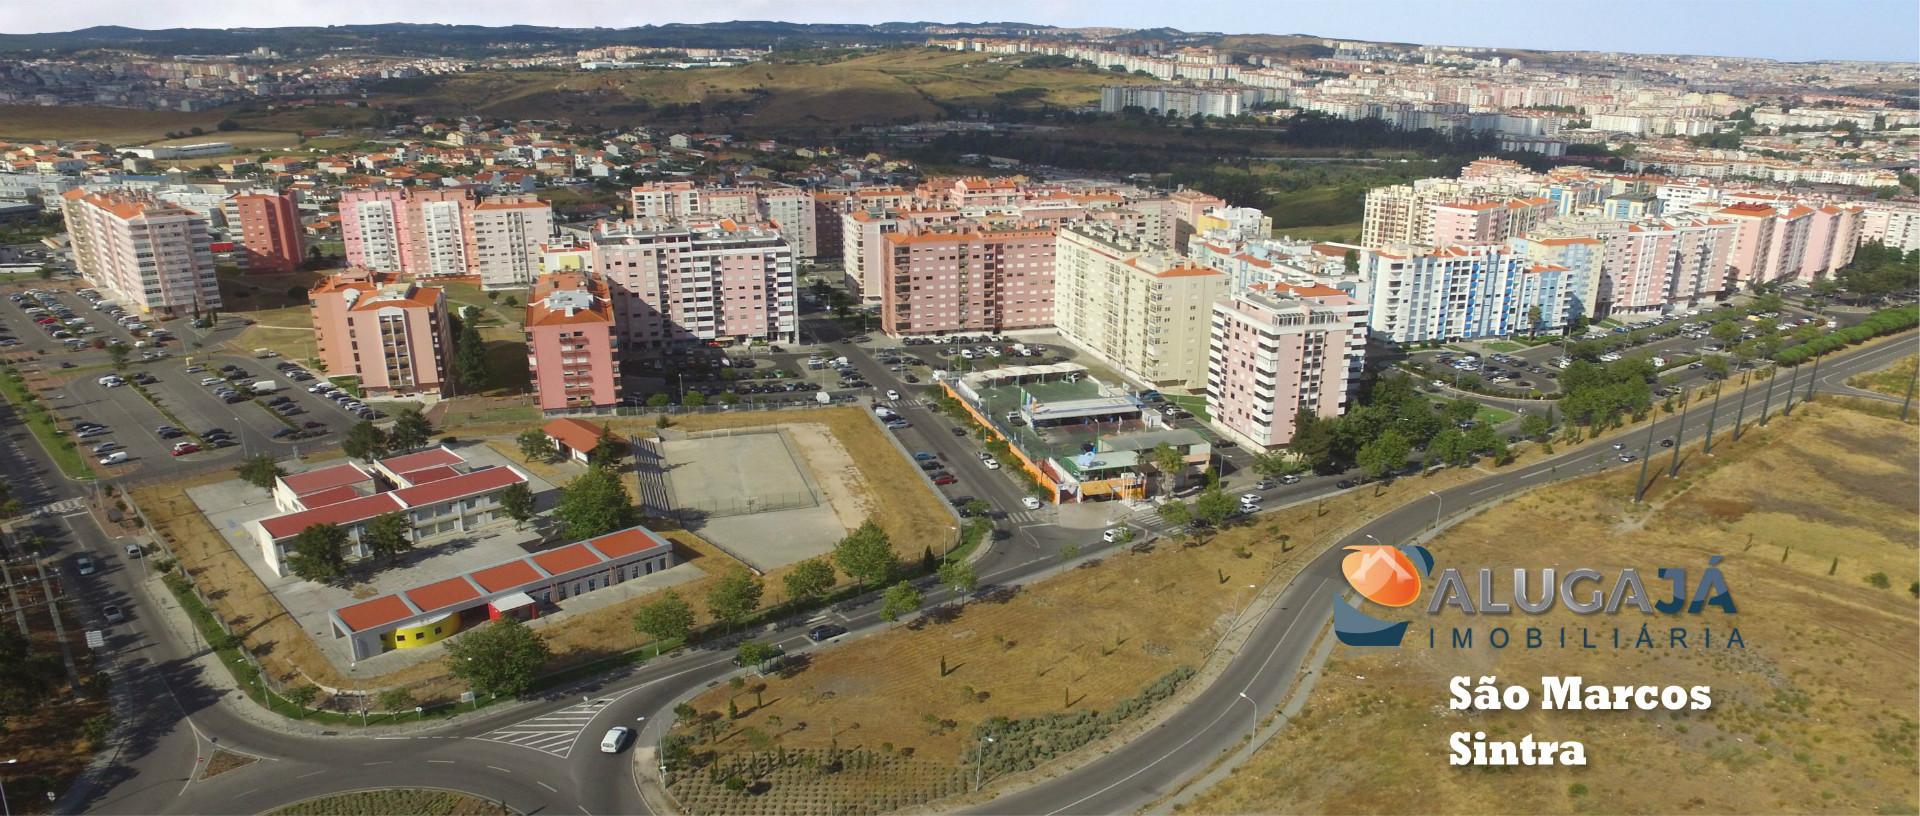 Agence immobilière basée il y a 8 ans dans l´urbanisation de São Marcos